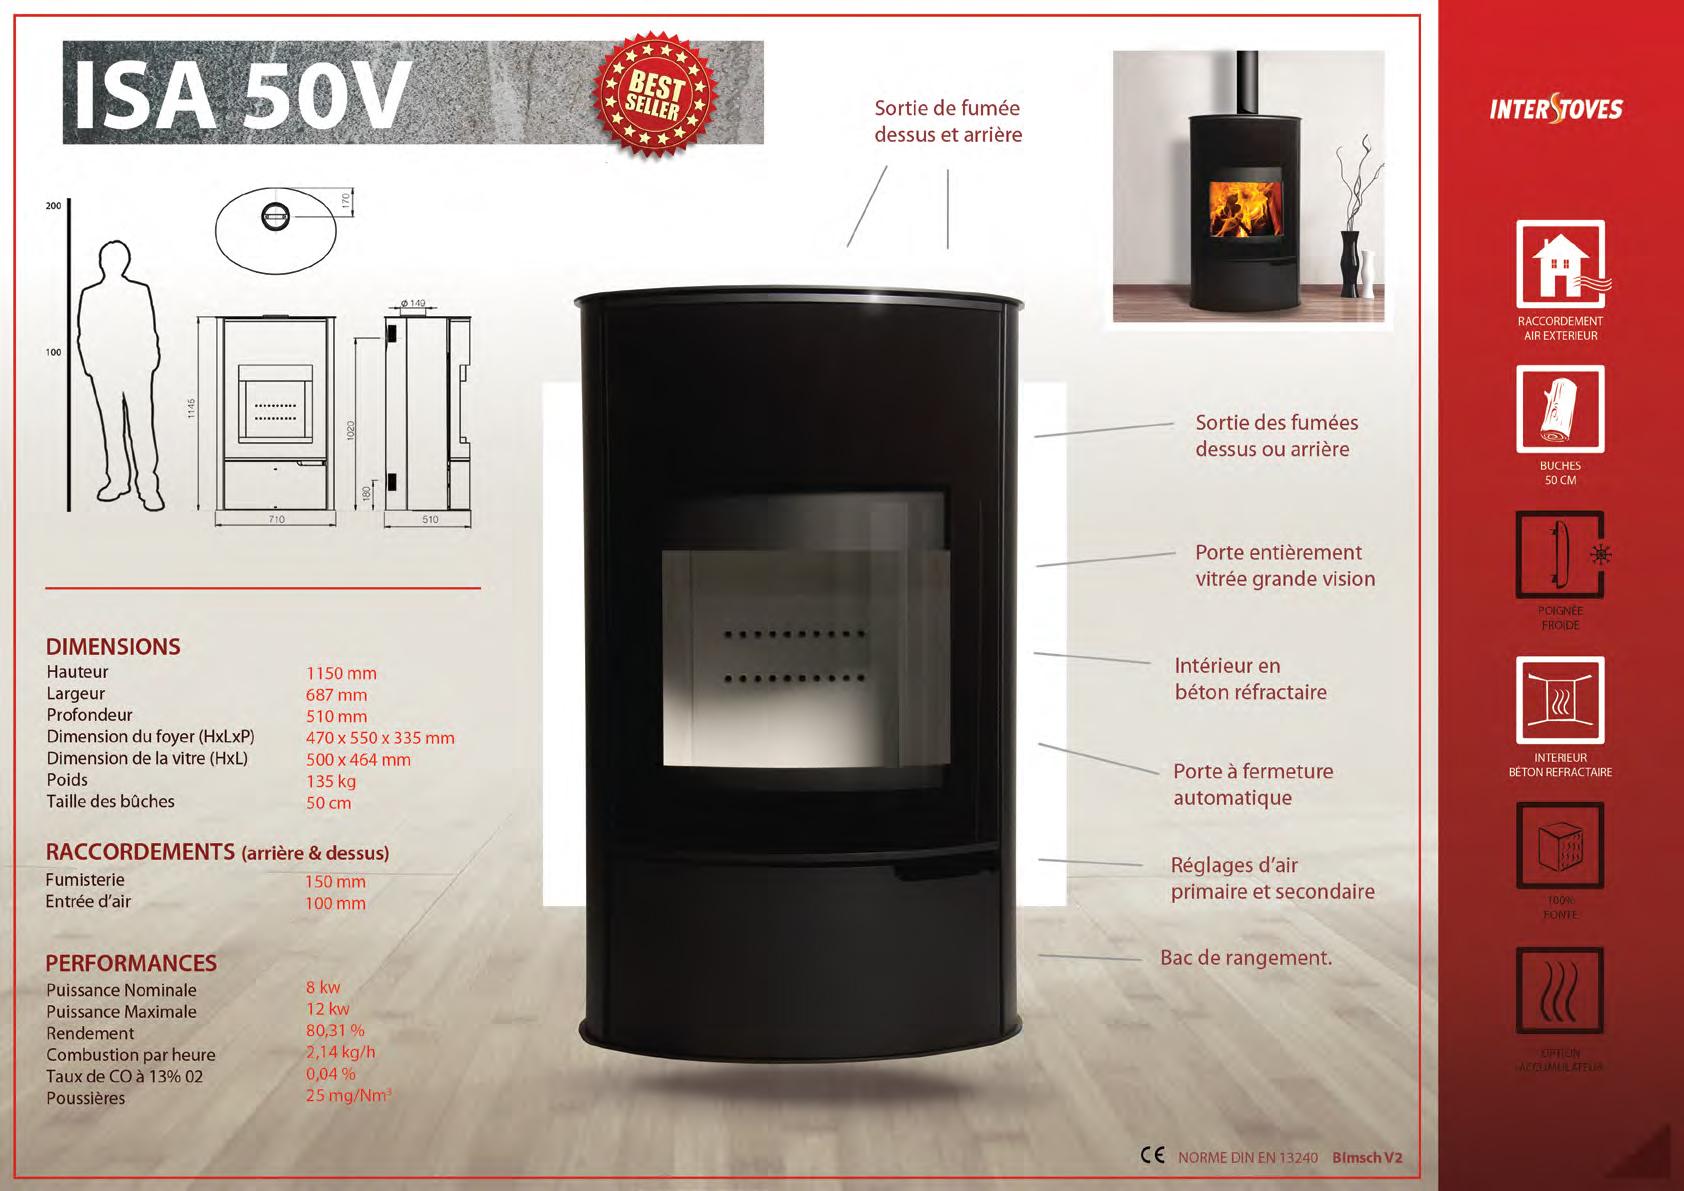 Isa50v